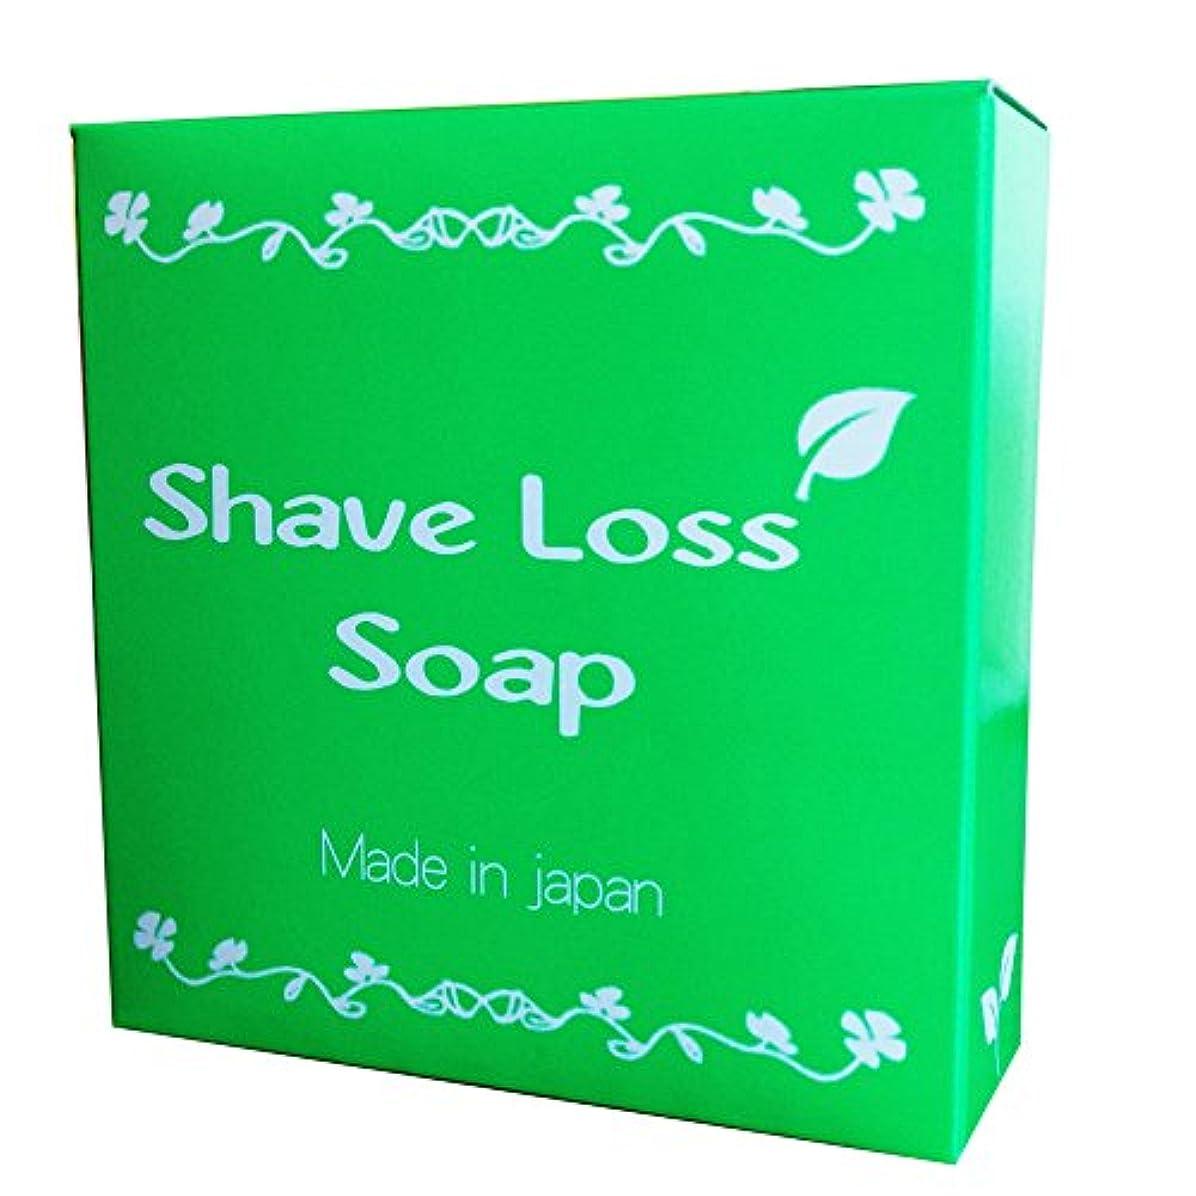 ヒステリック遺棄されたゆるくShave Loss Soap 女性のツルツルを叶える 奇跡の石鹸 80g (1個)